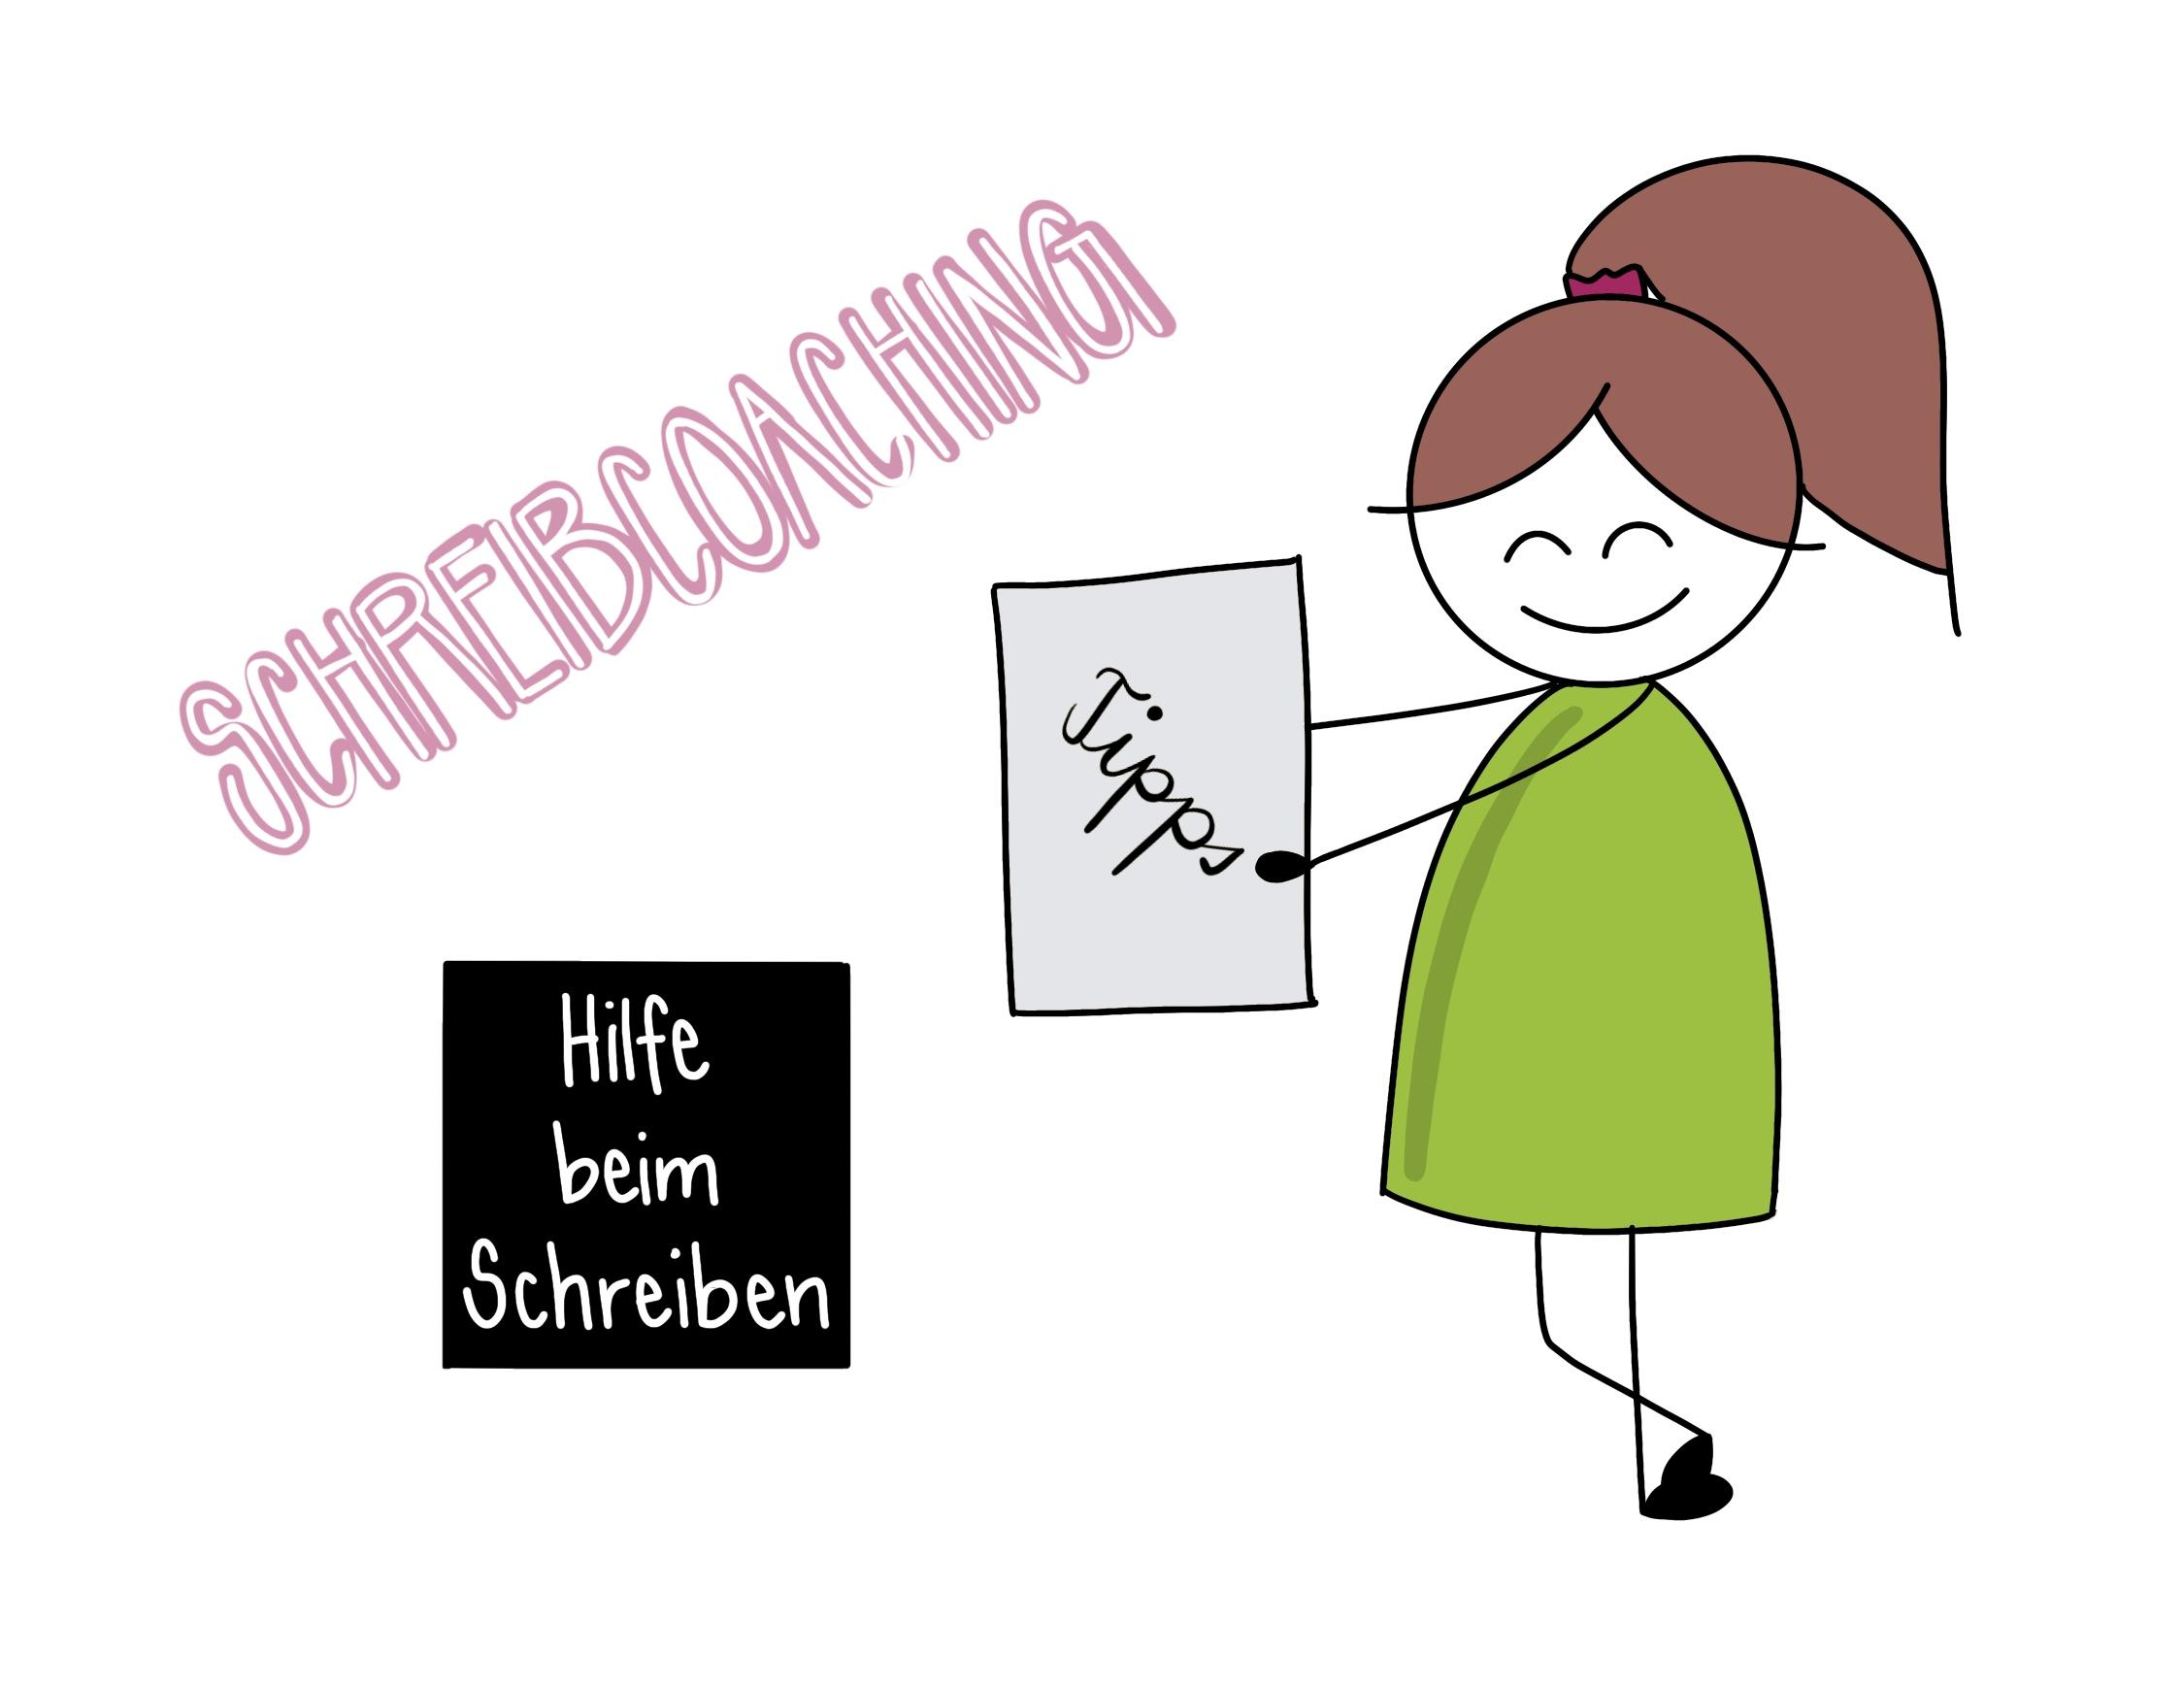 Sketchnote zum Thema Schreibcoaching